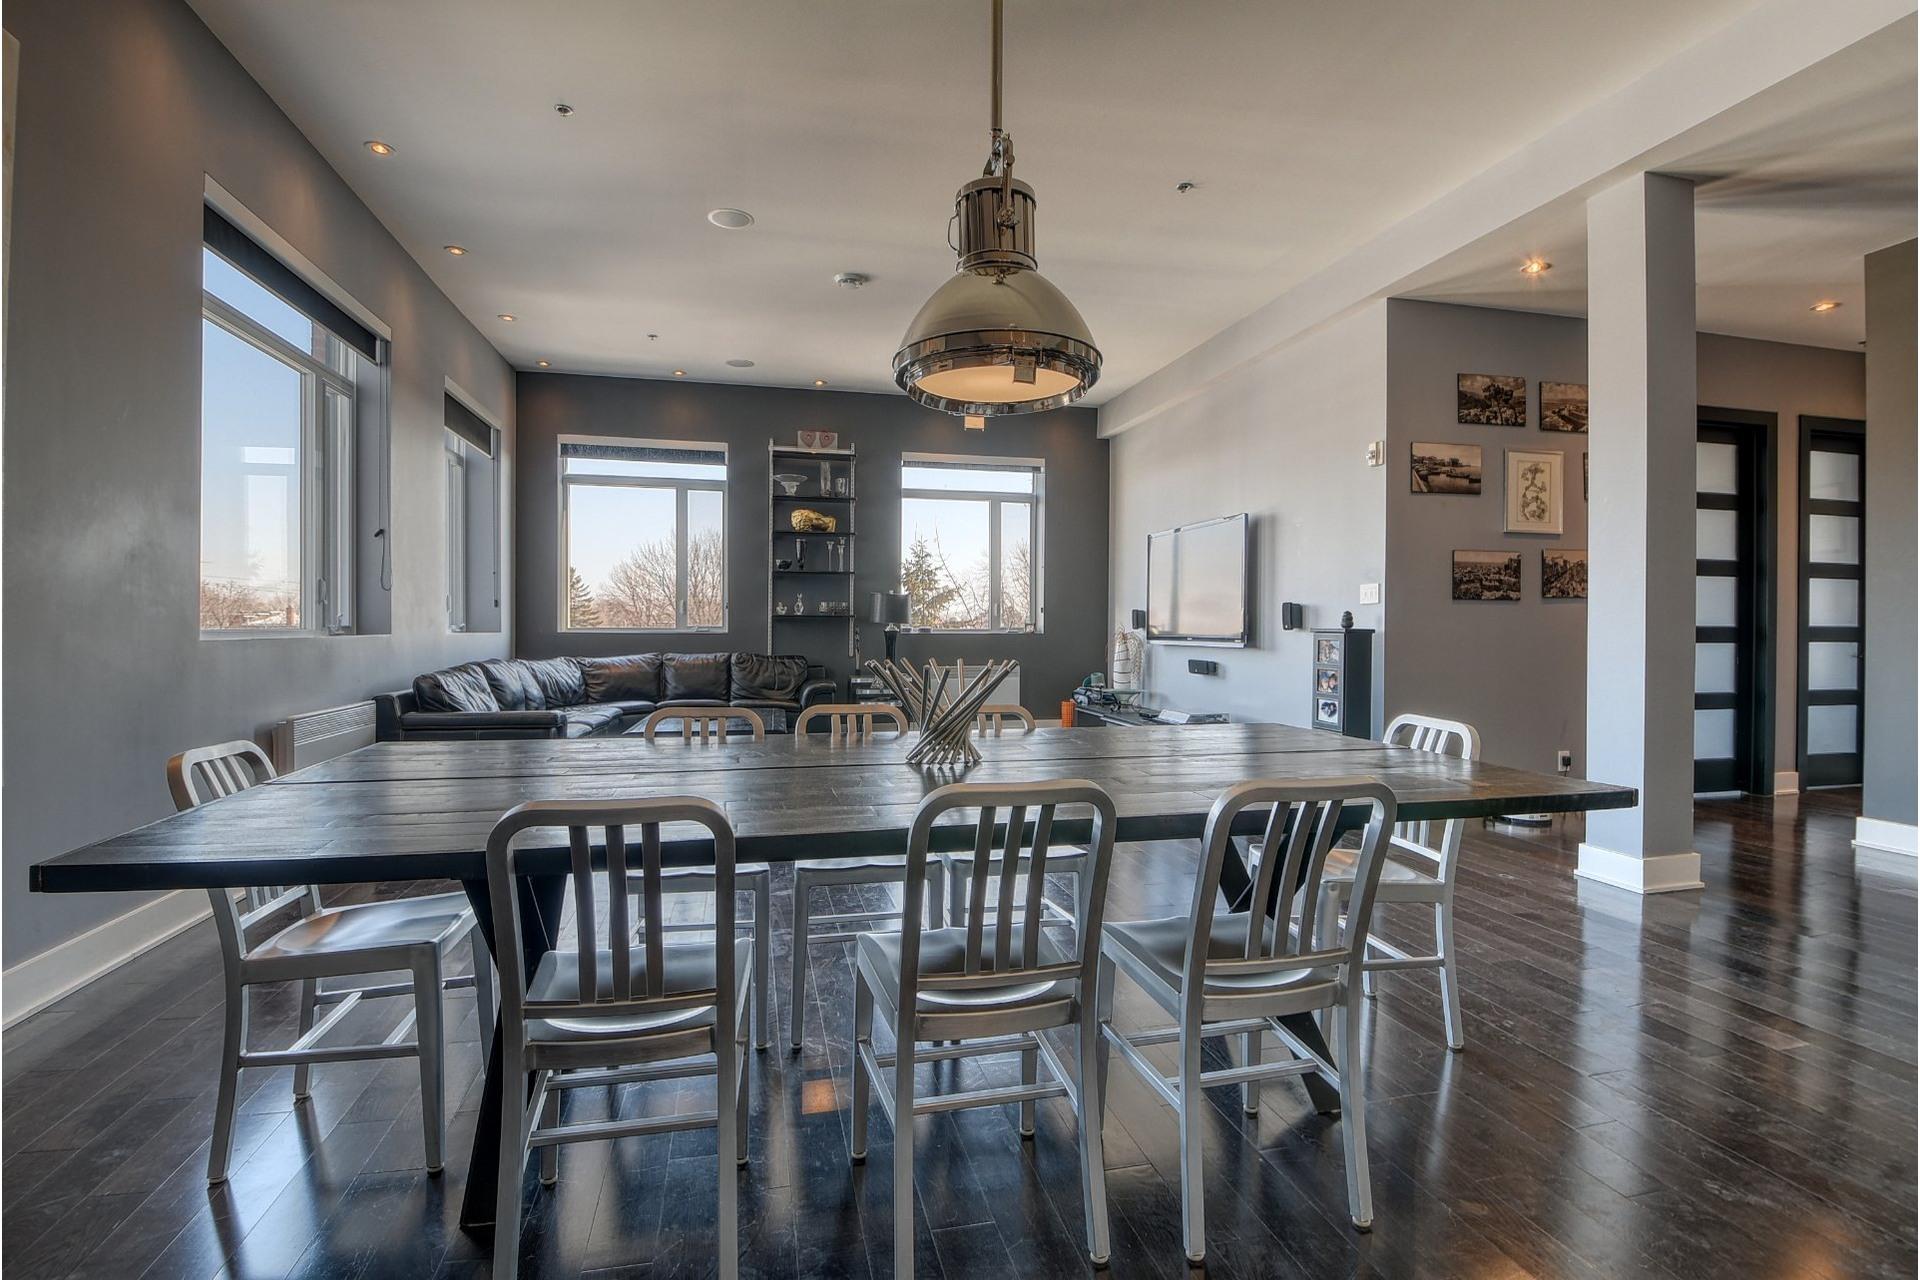 image 3 - Appartement À vendre Lachine Montréal  - 12 pièces